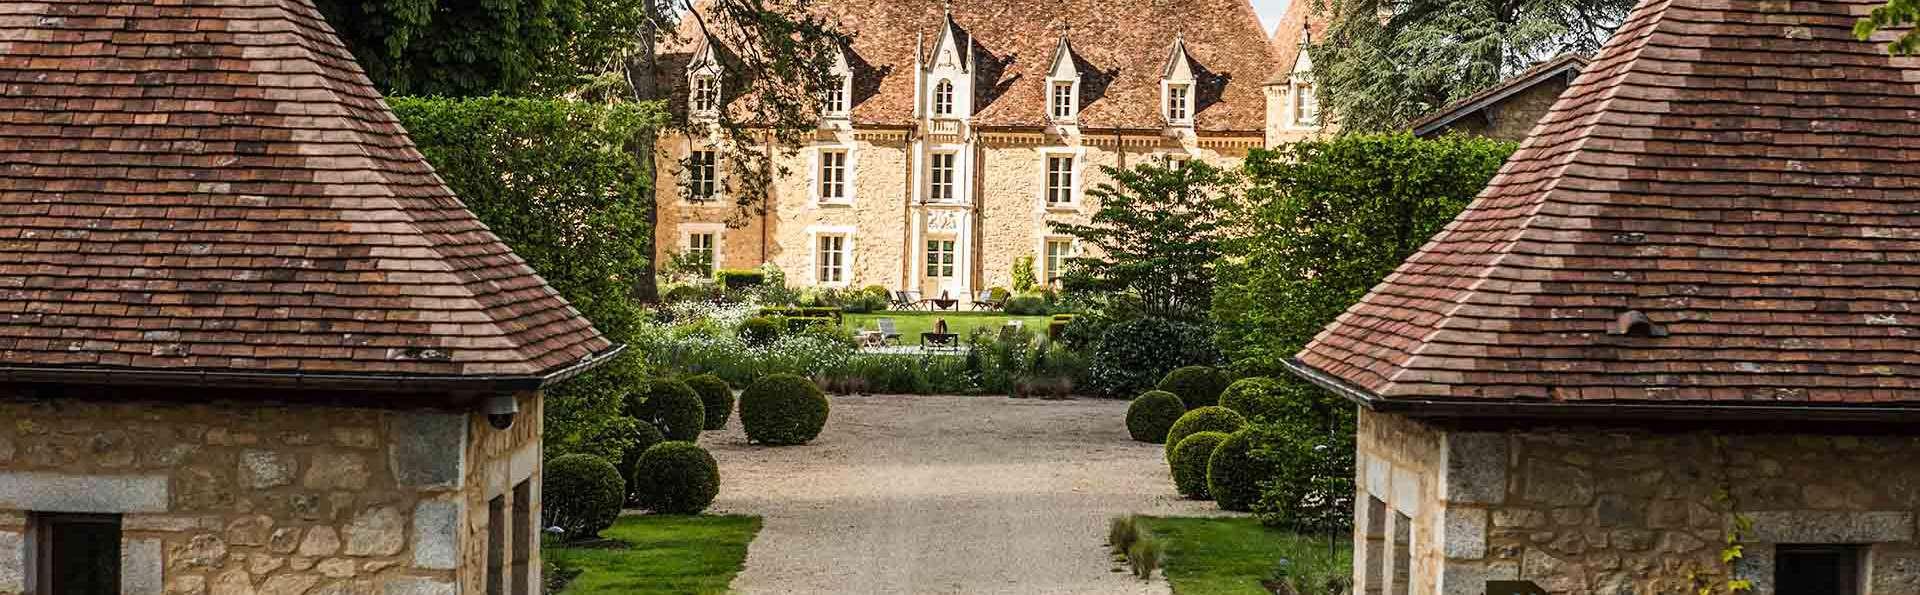 Réalisez vos rêves dans un château en Charente, détendez-vous aux thermes et dégustez le terroir